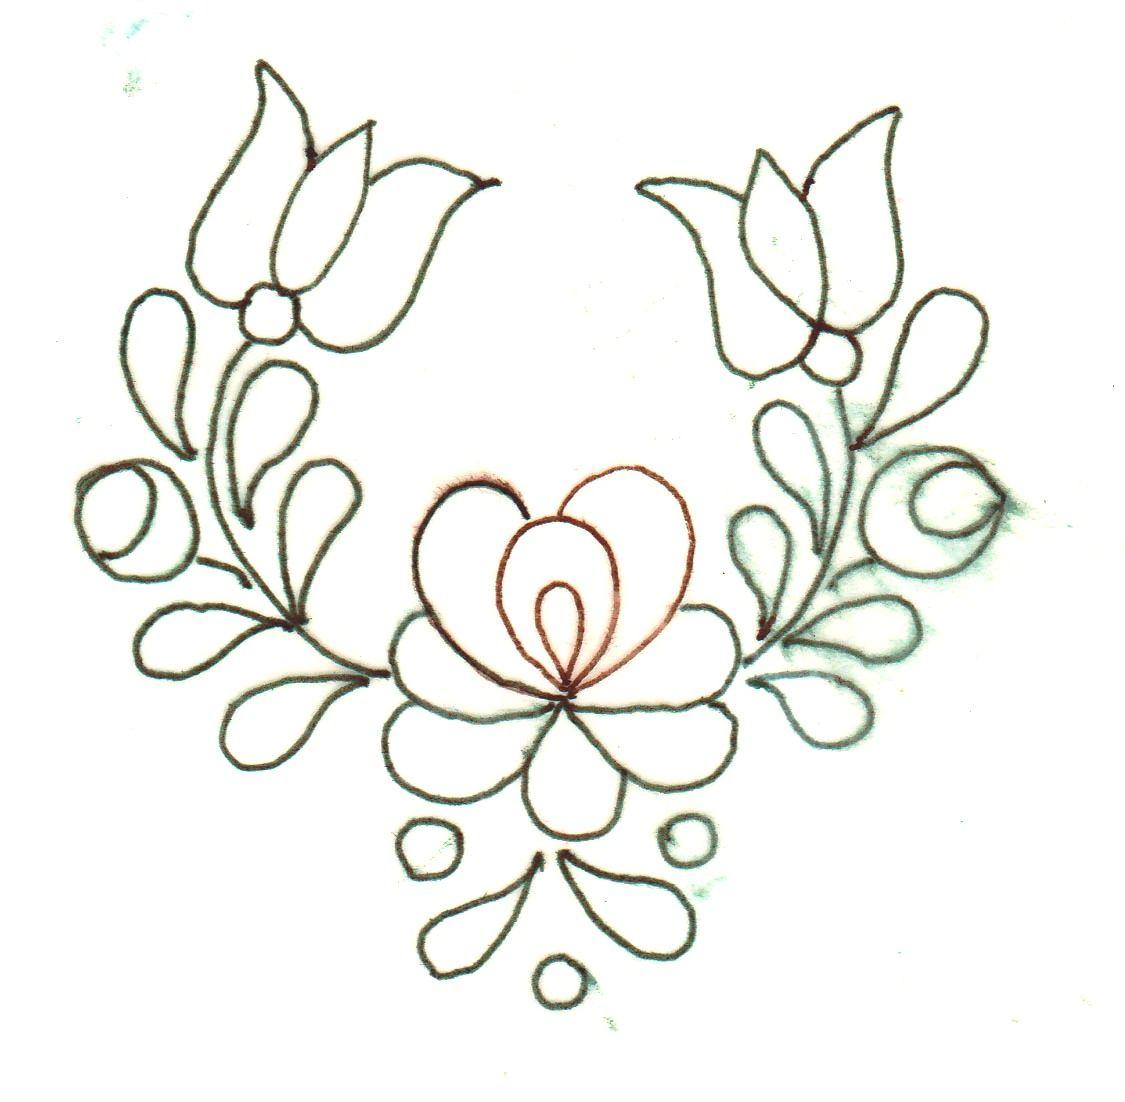 Pin de Alexandra Schulze en Patrones para bordado | Pinterest ...